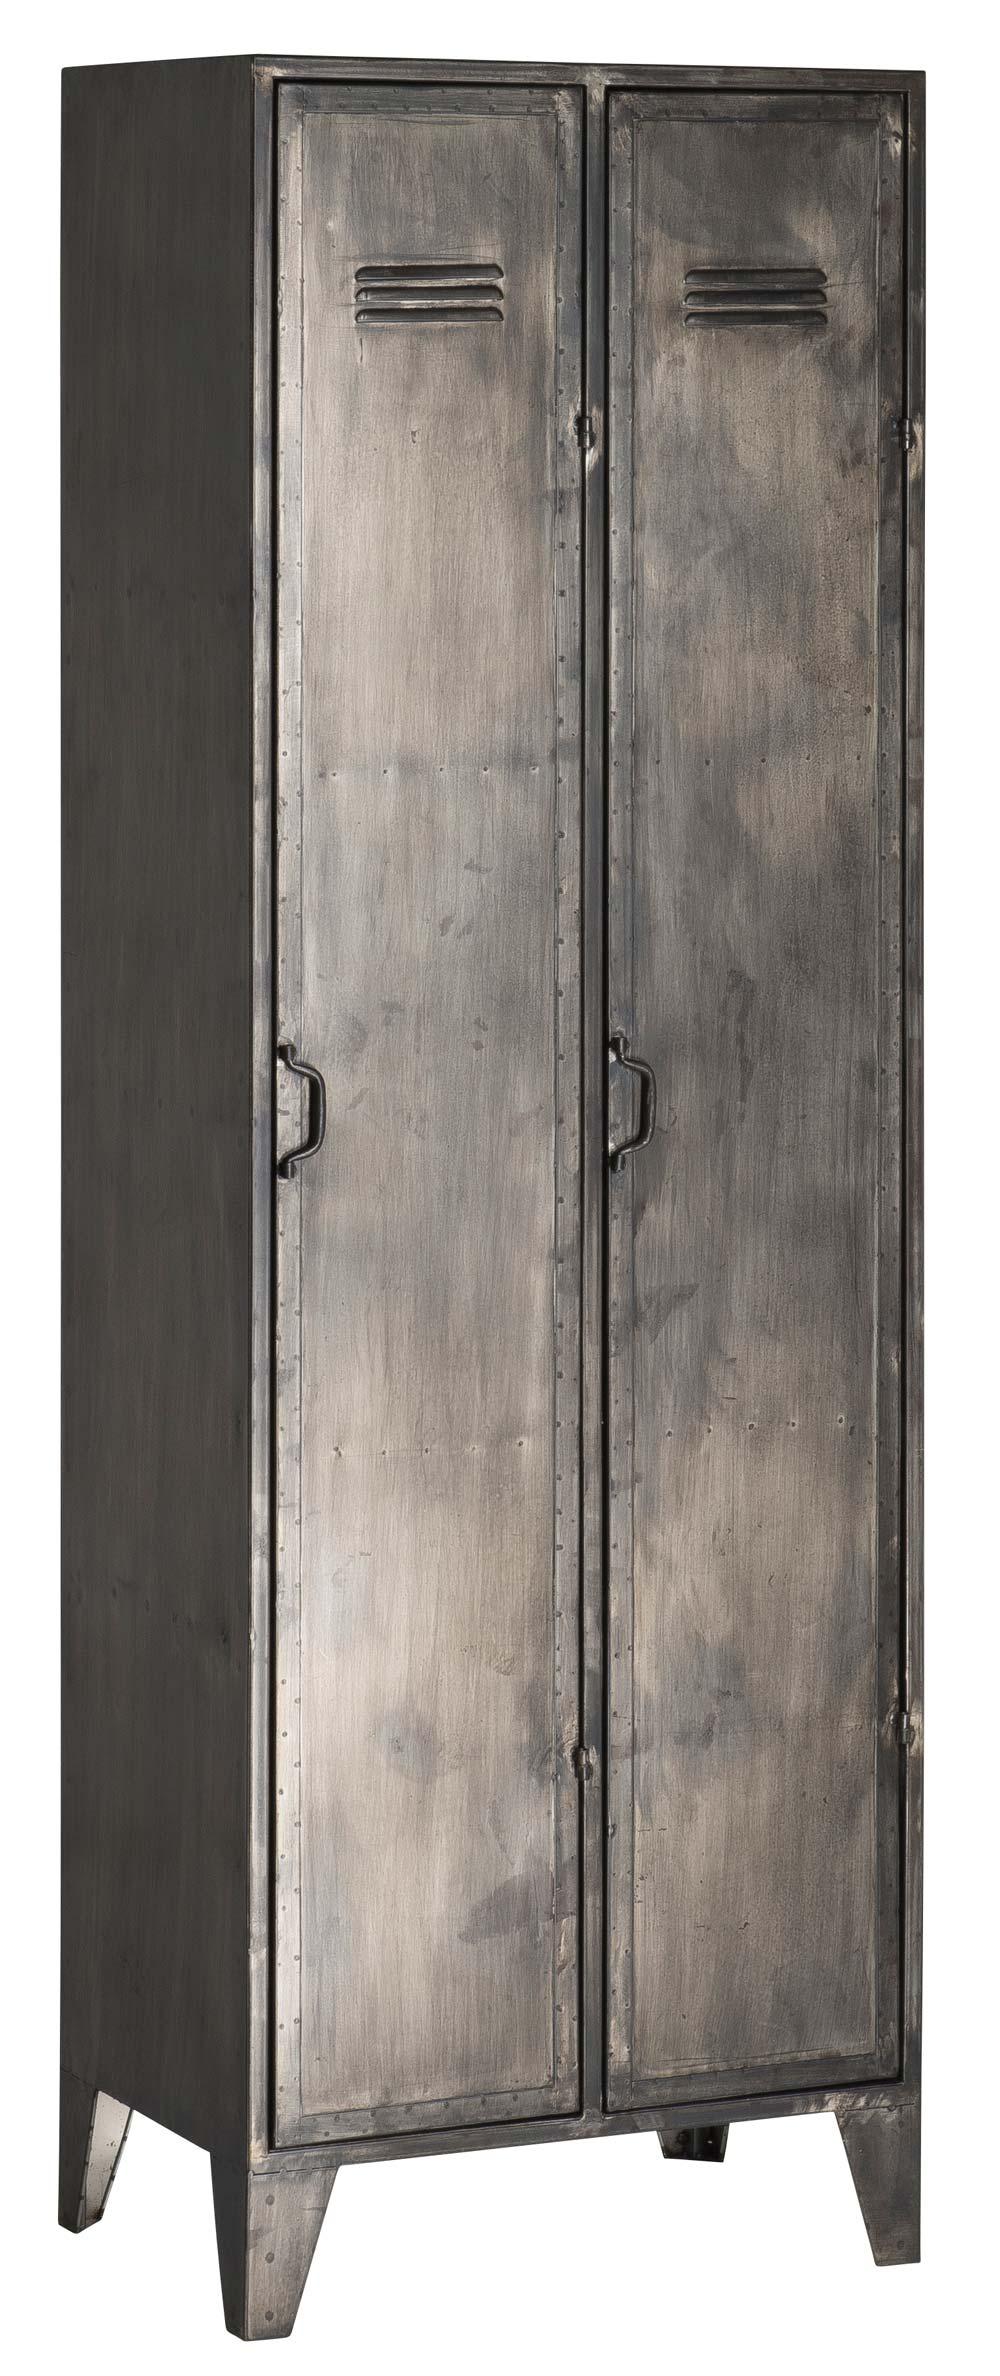 Image of   IB LAURSEN Brooklyn skab - grå metal, m. 2 døre højre sving, (180x40cm)